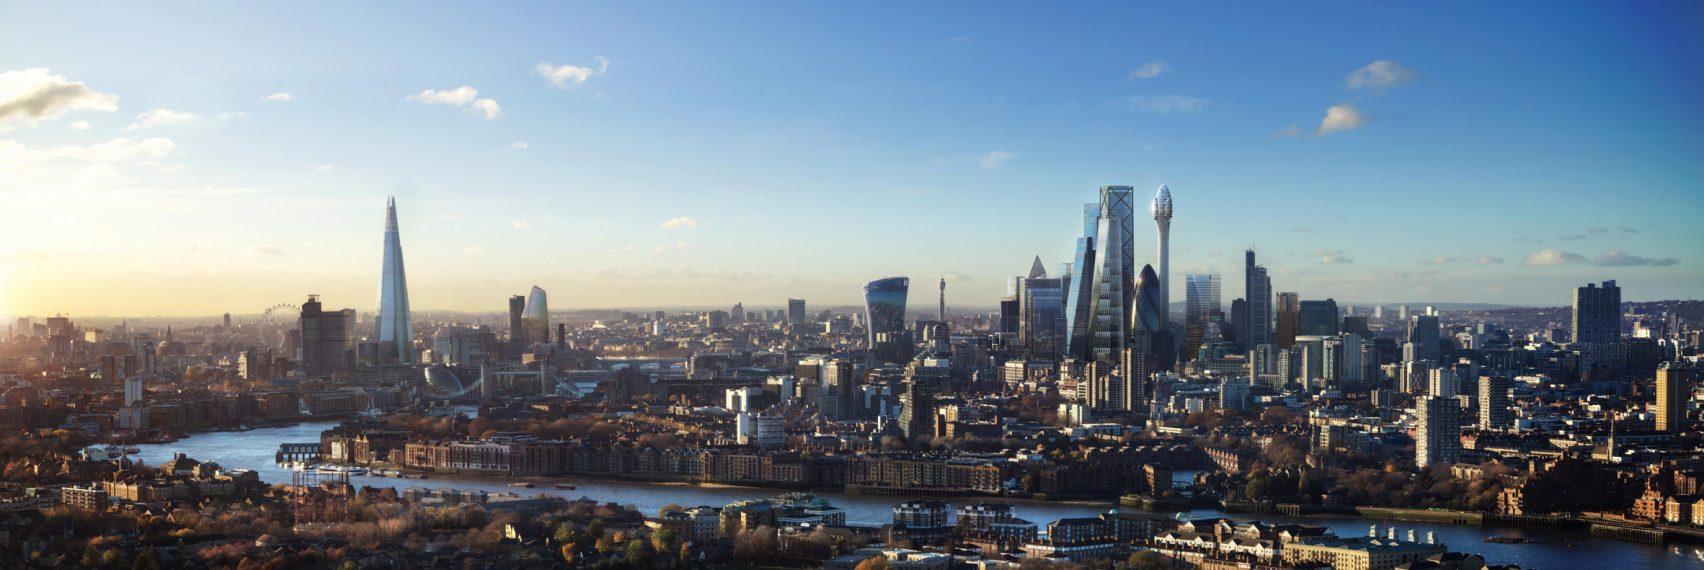 A vista geral da cidade